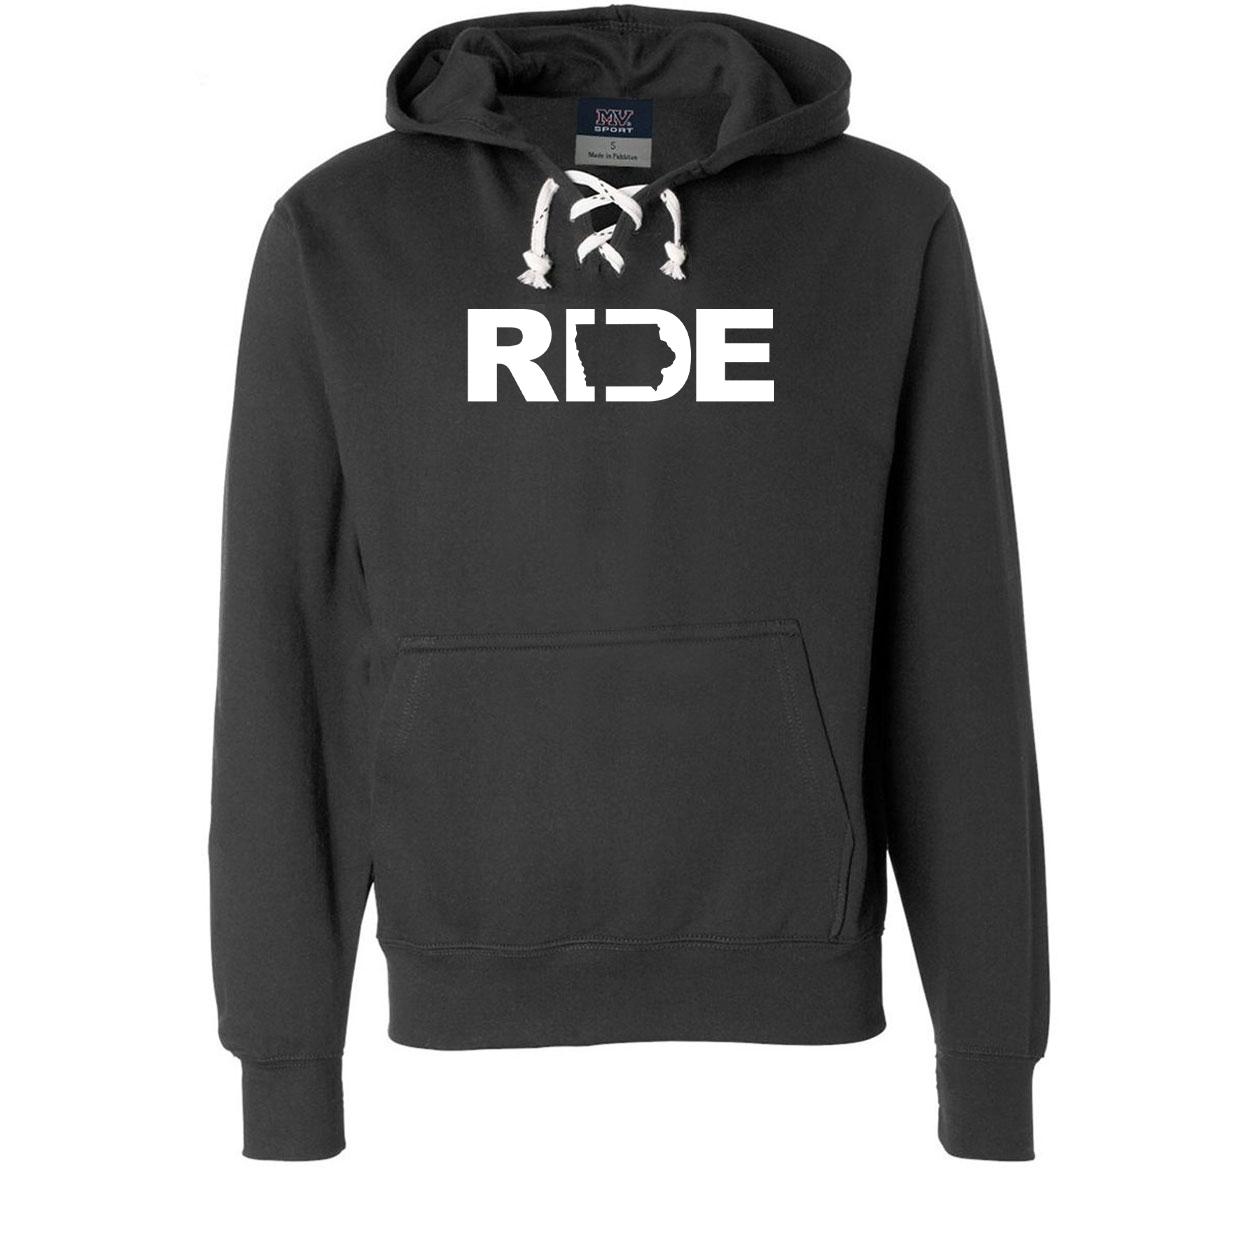 Ride Iowa Classic Unisex Premium Hockey Sweatshirt Black (White Logo)